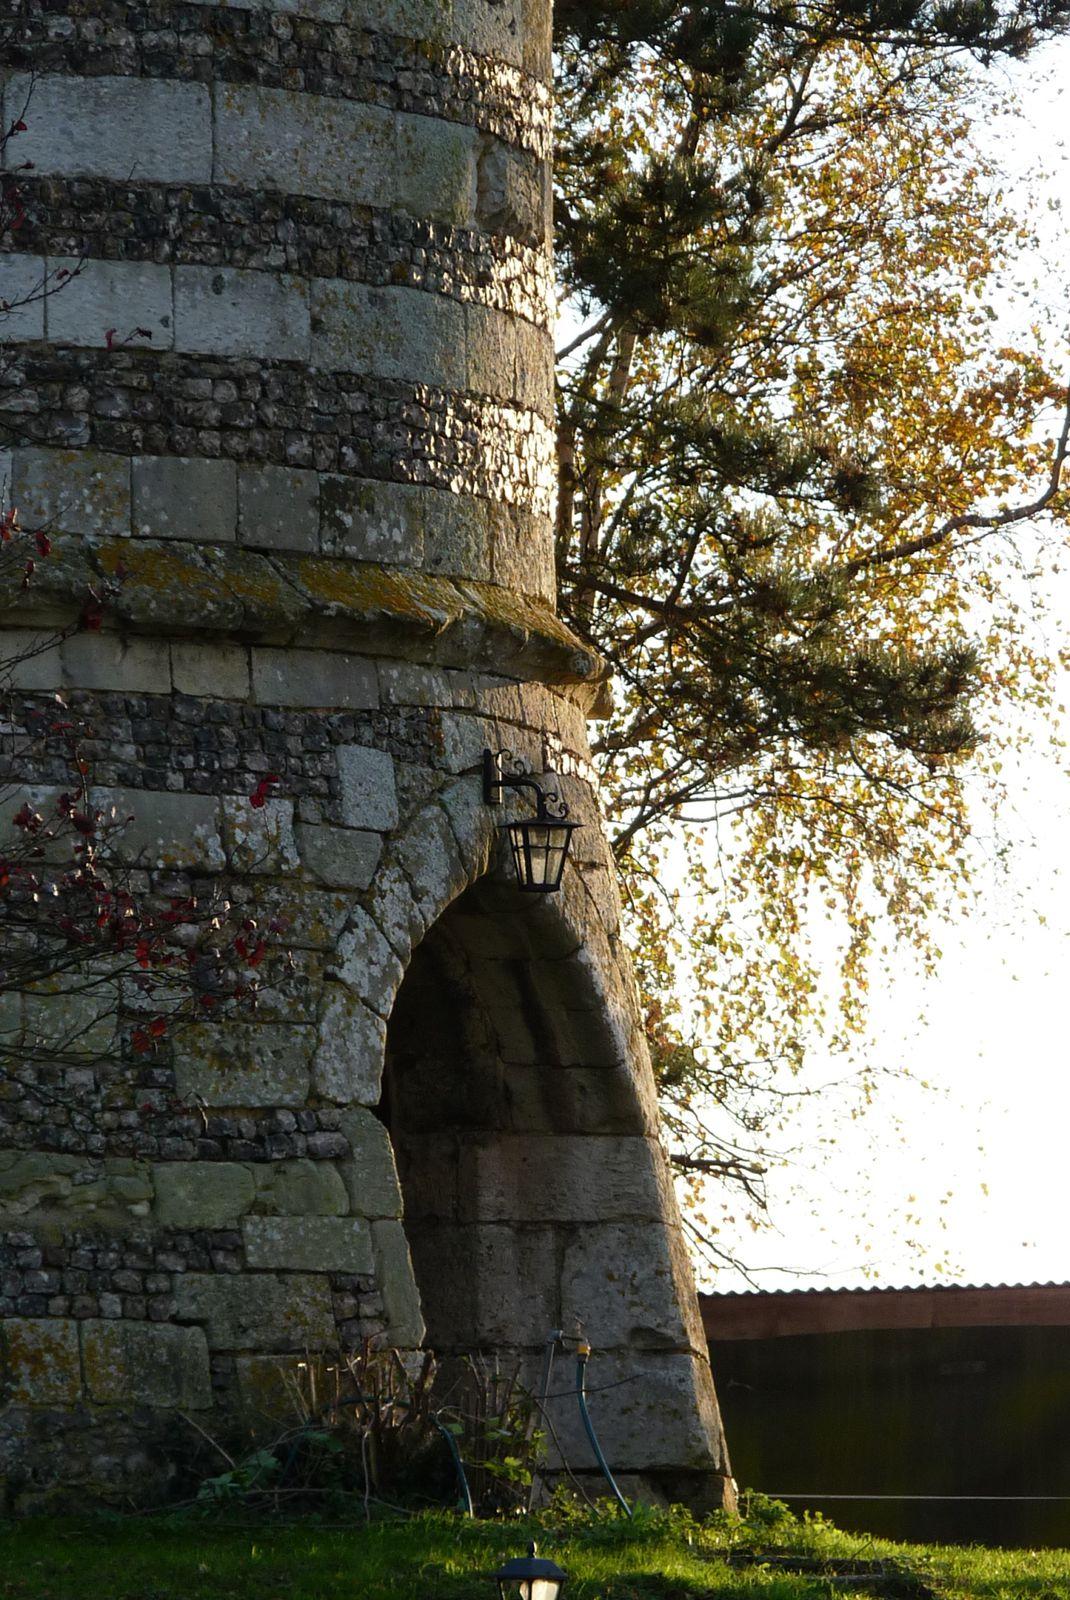 Autre perspective sur la porte ouest et les reflets d'automne sur les moellons de silex (cliché Armand Launay, novembre 2013).